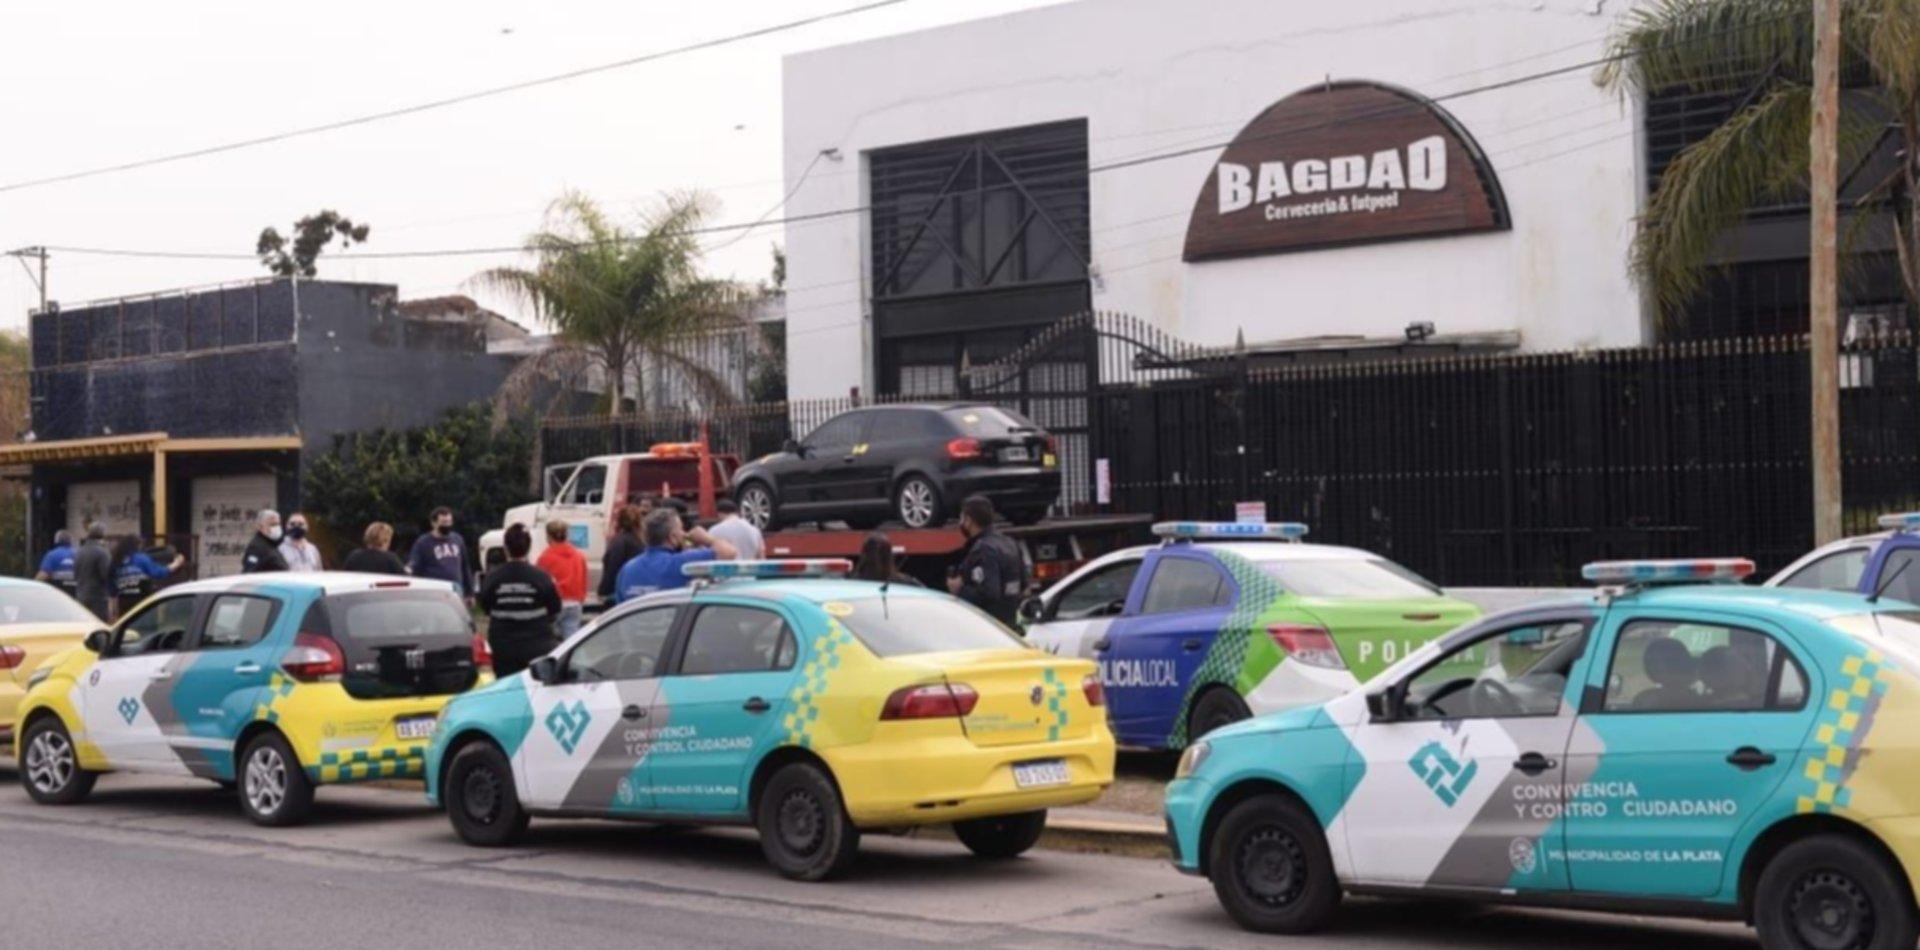 Habrá duras sanciones del Municipio a quienes participaron de la fiesta clandestina